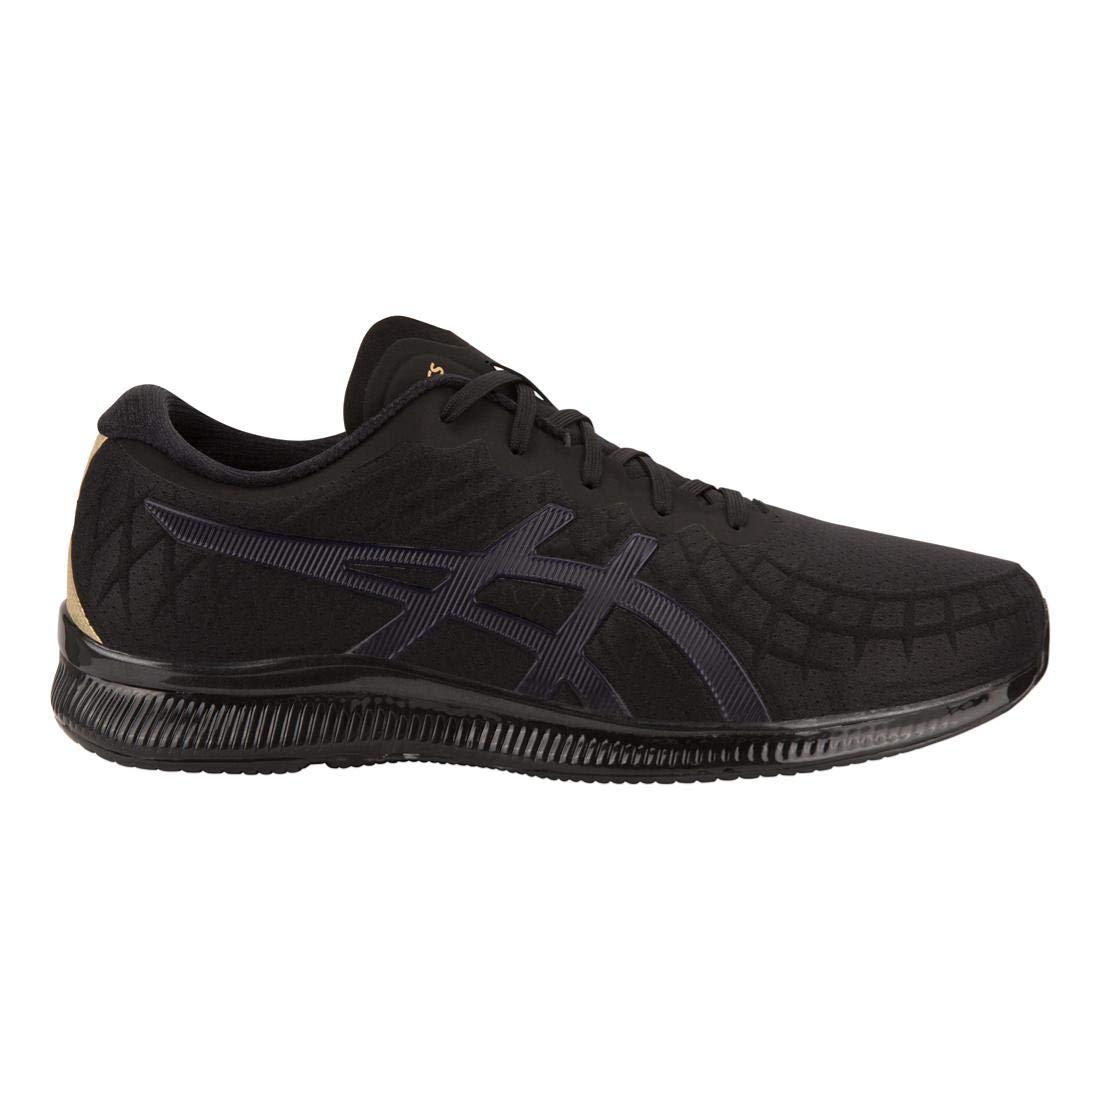 Noir noir ASICS - Chaussures Gel-Quantum Infinity pour Hommes 42 EU